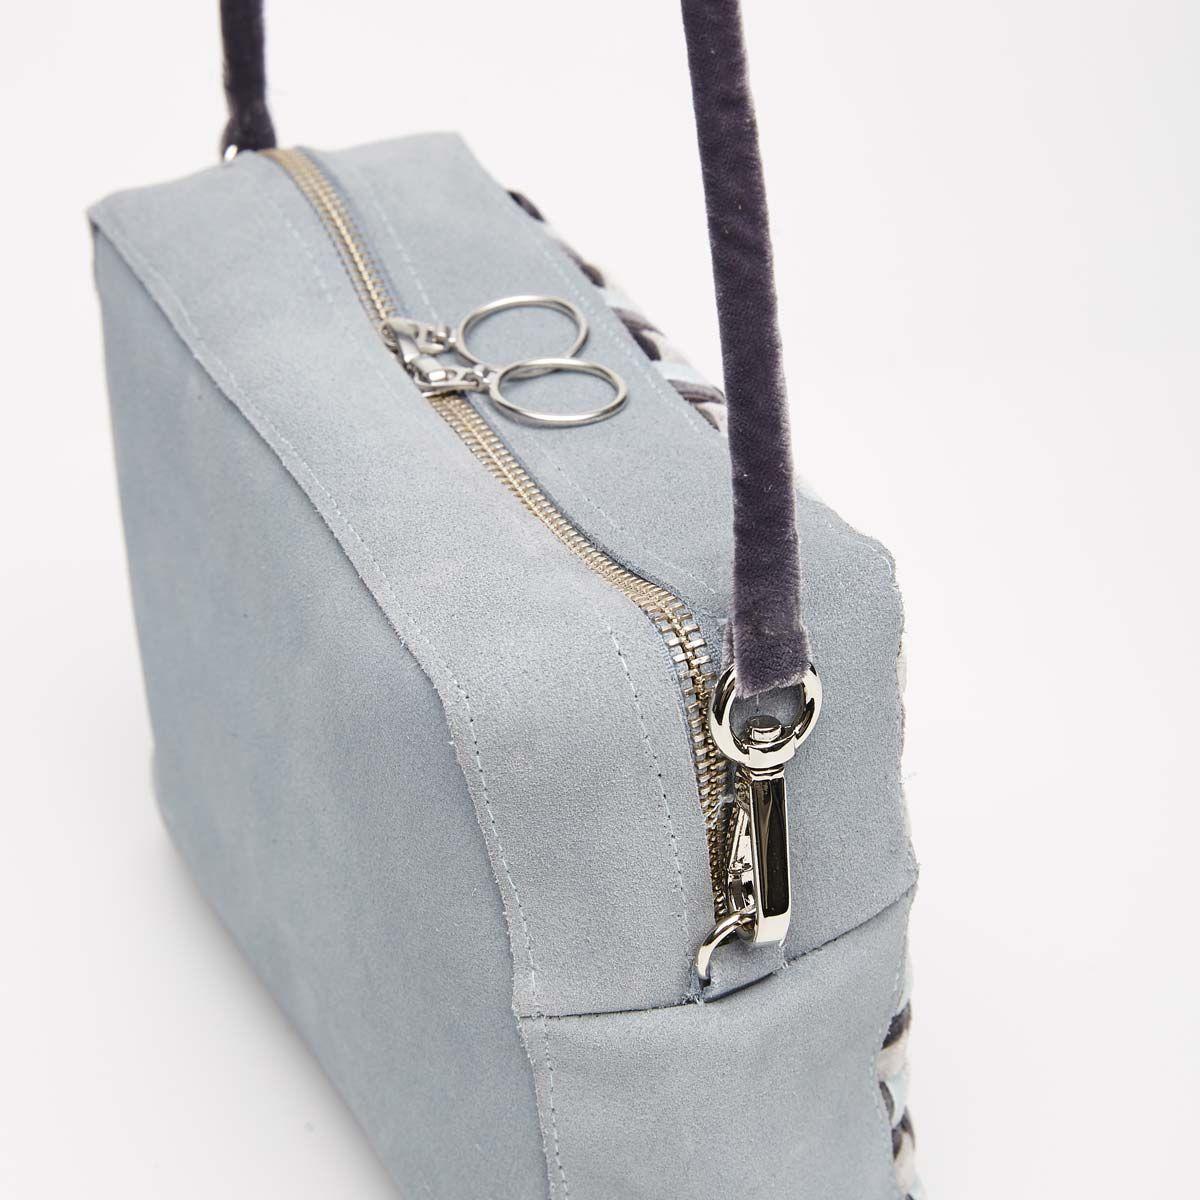 6107a8700d6 Es un bolso shoulder y clutch de estructura muy sencilla, en el que los  paños